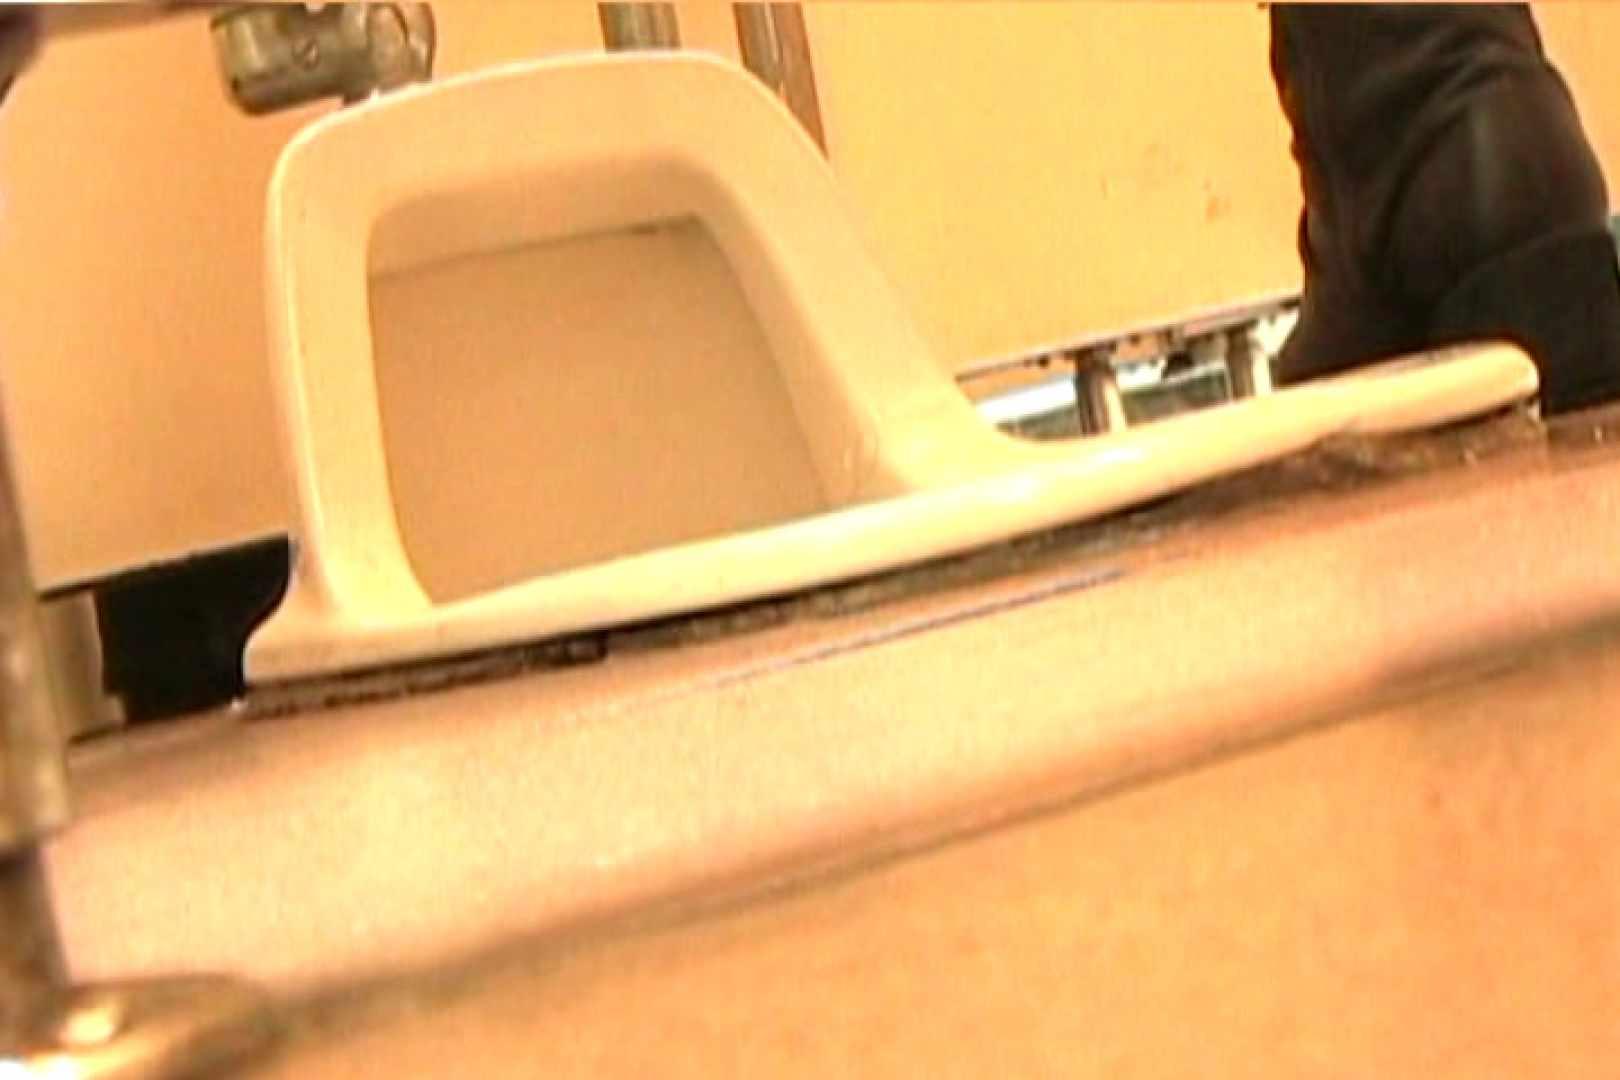 マンコ丸見え女子洗面所Vol.37 マンコ・ムレムレ 盗み撮り動画キャプチャ 87pic 38